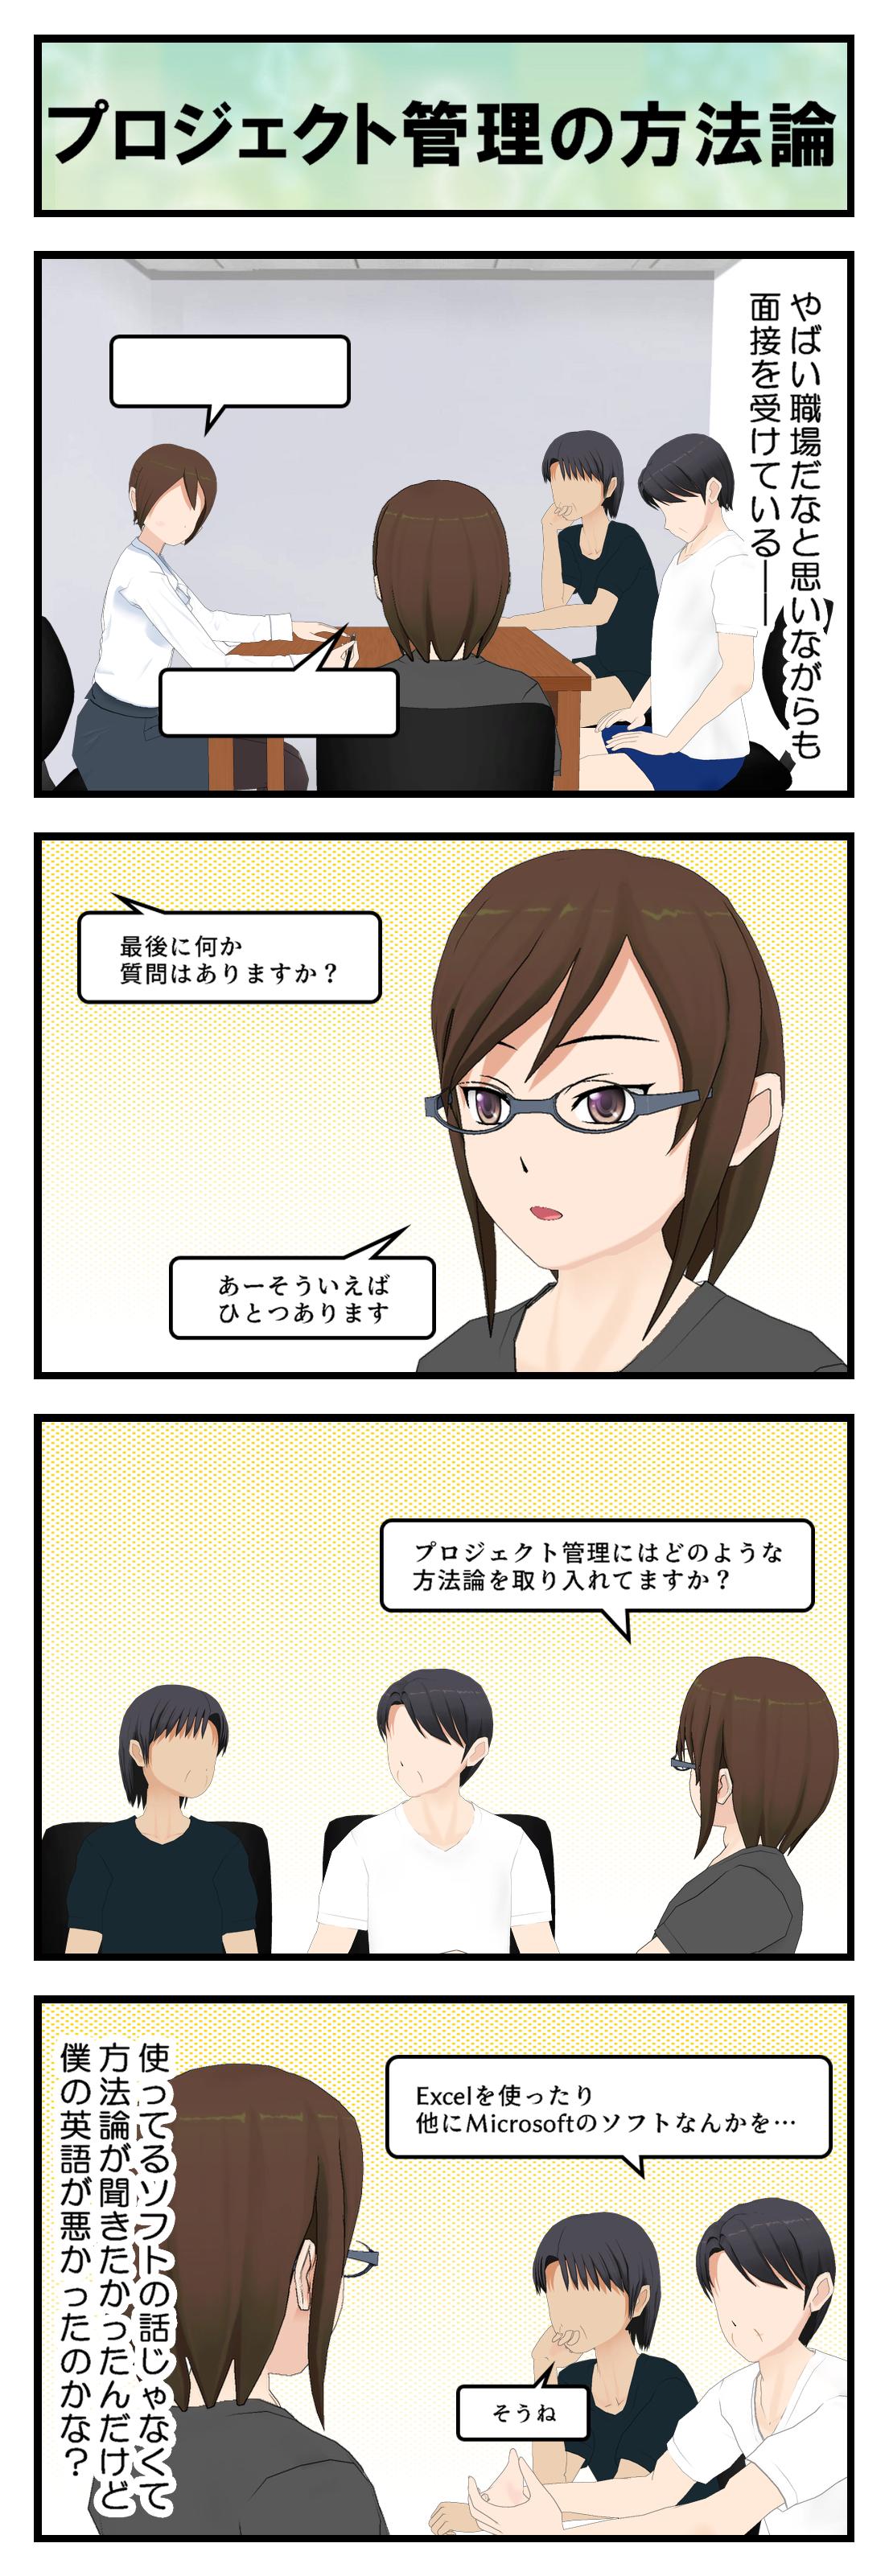 R525_DOE面接_001